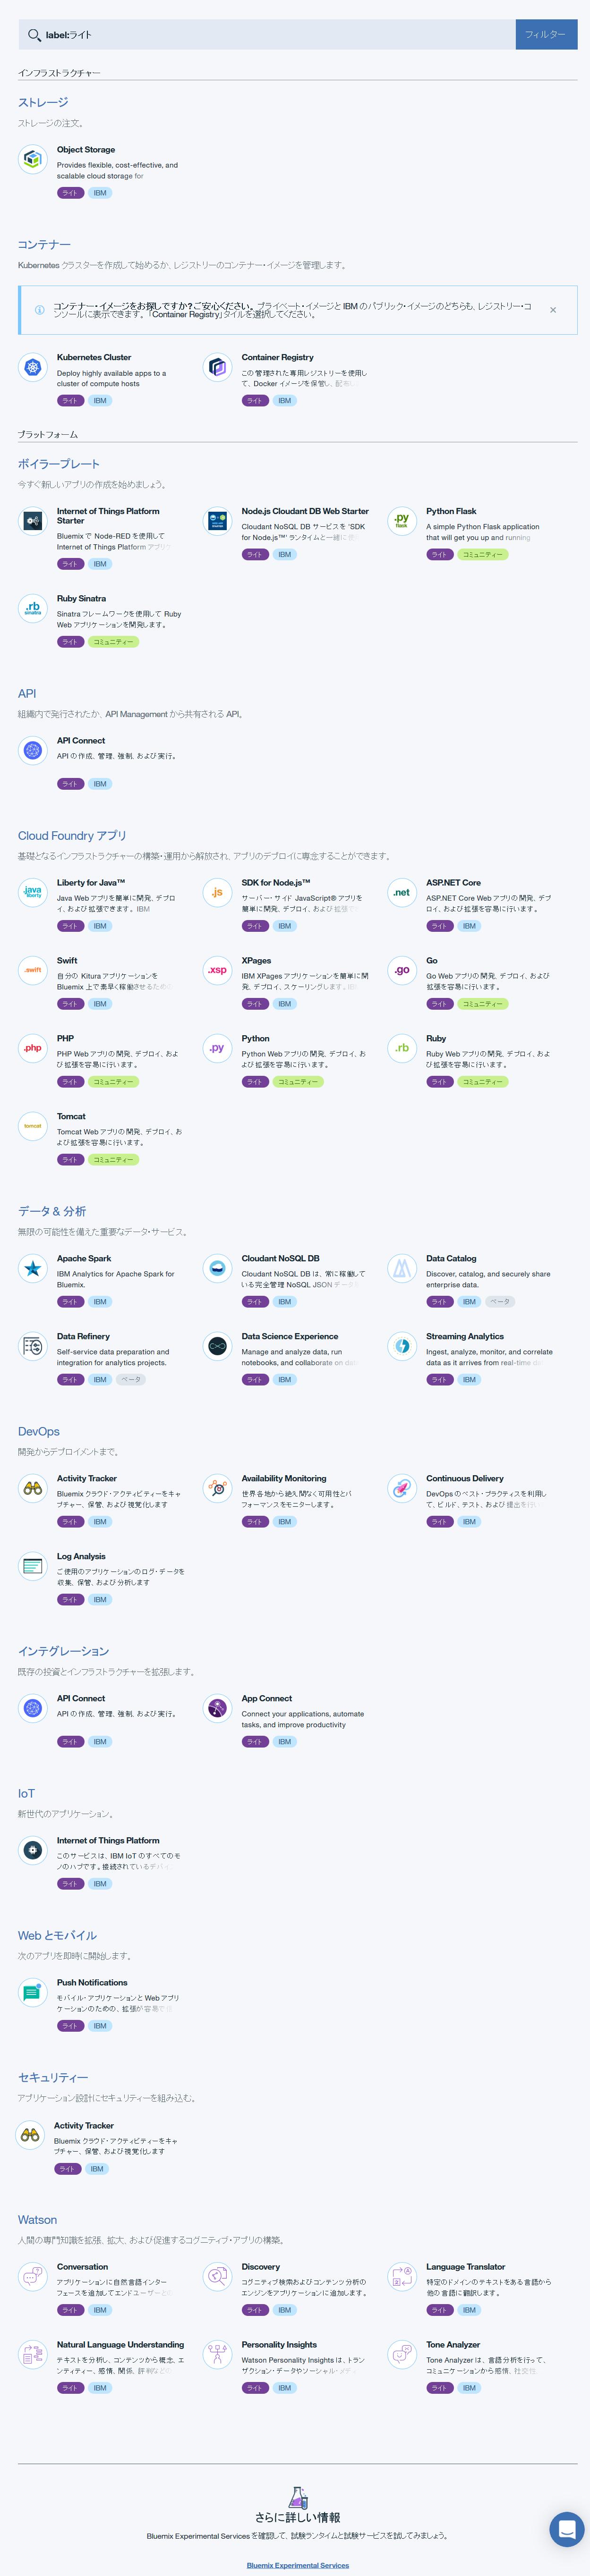 Screenshot-2017-11-1 カタログ - IBM Bluemix(1).png